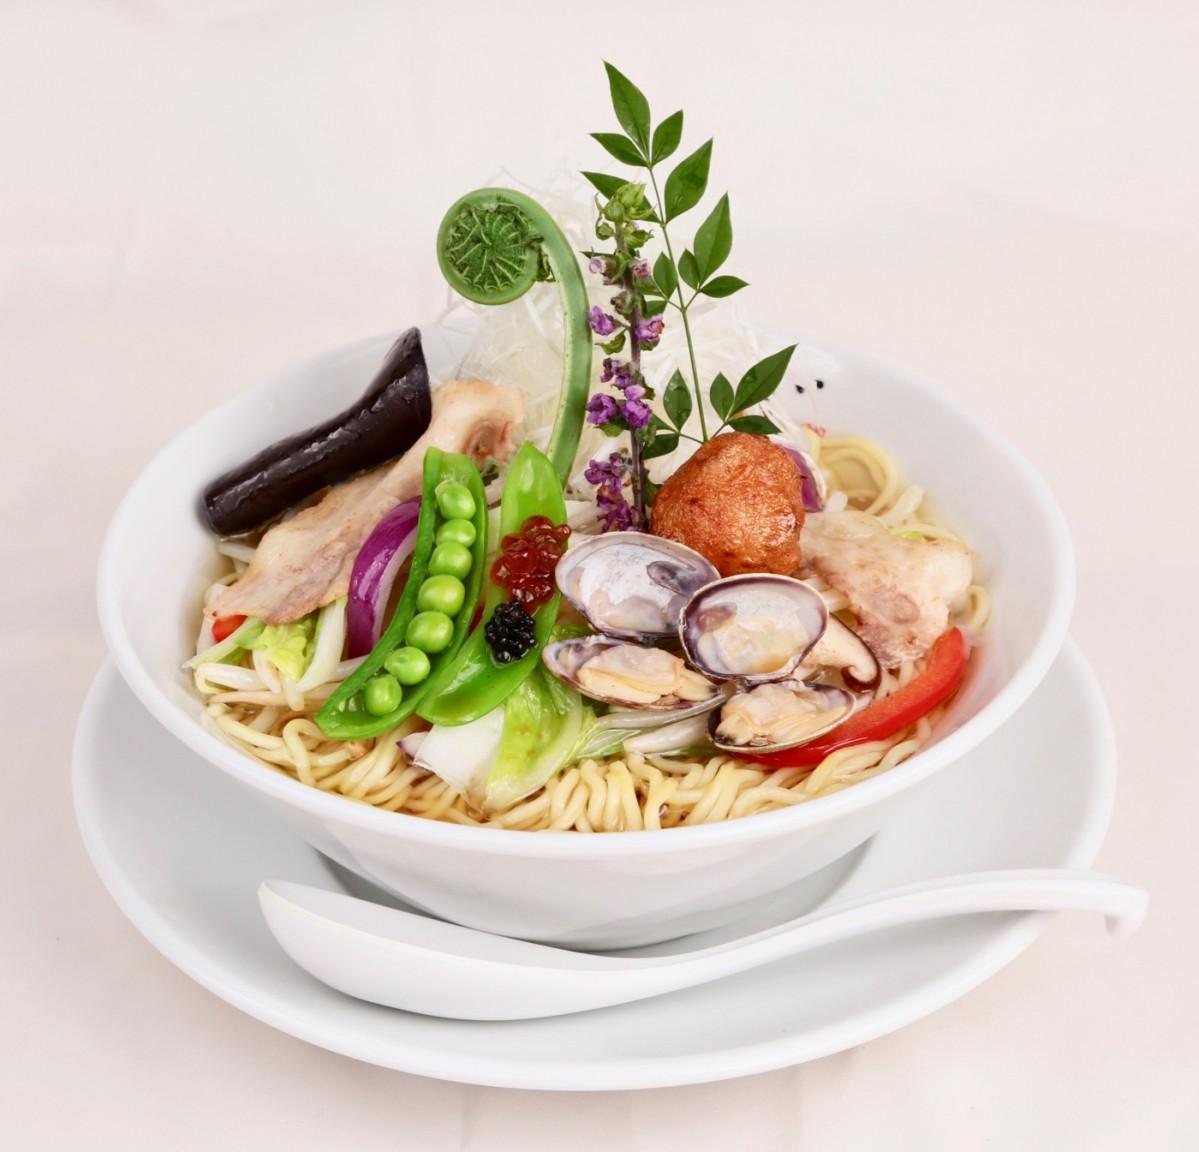 同店が提供するキャビアを使ったラーメン「贅沢浅利湯麺」